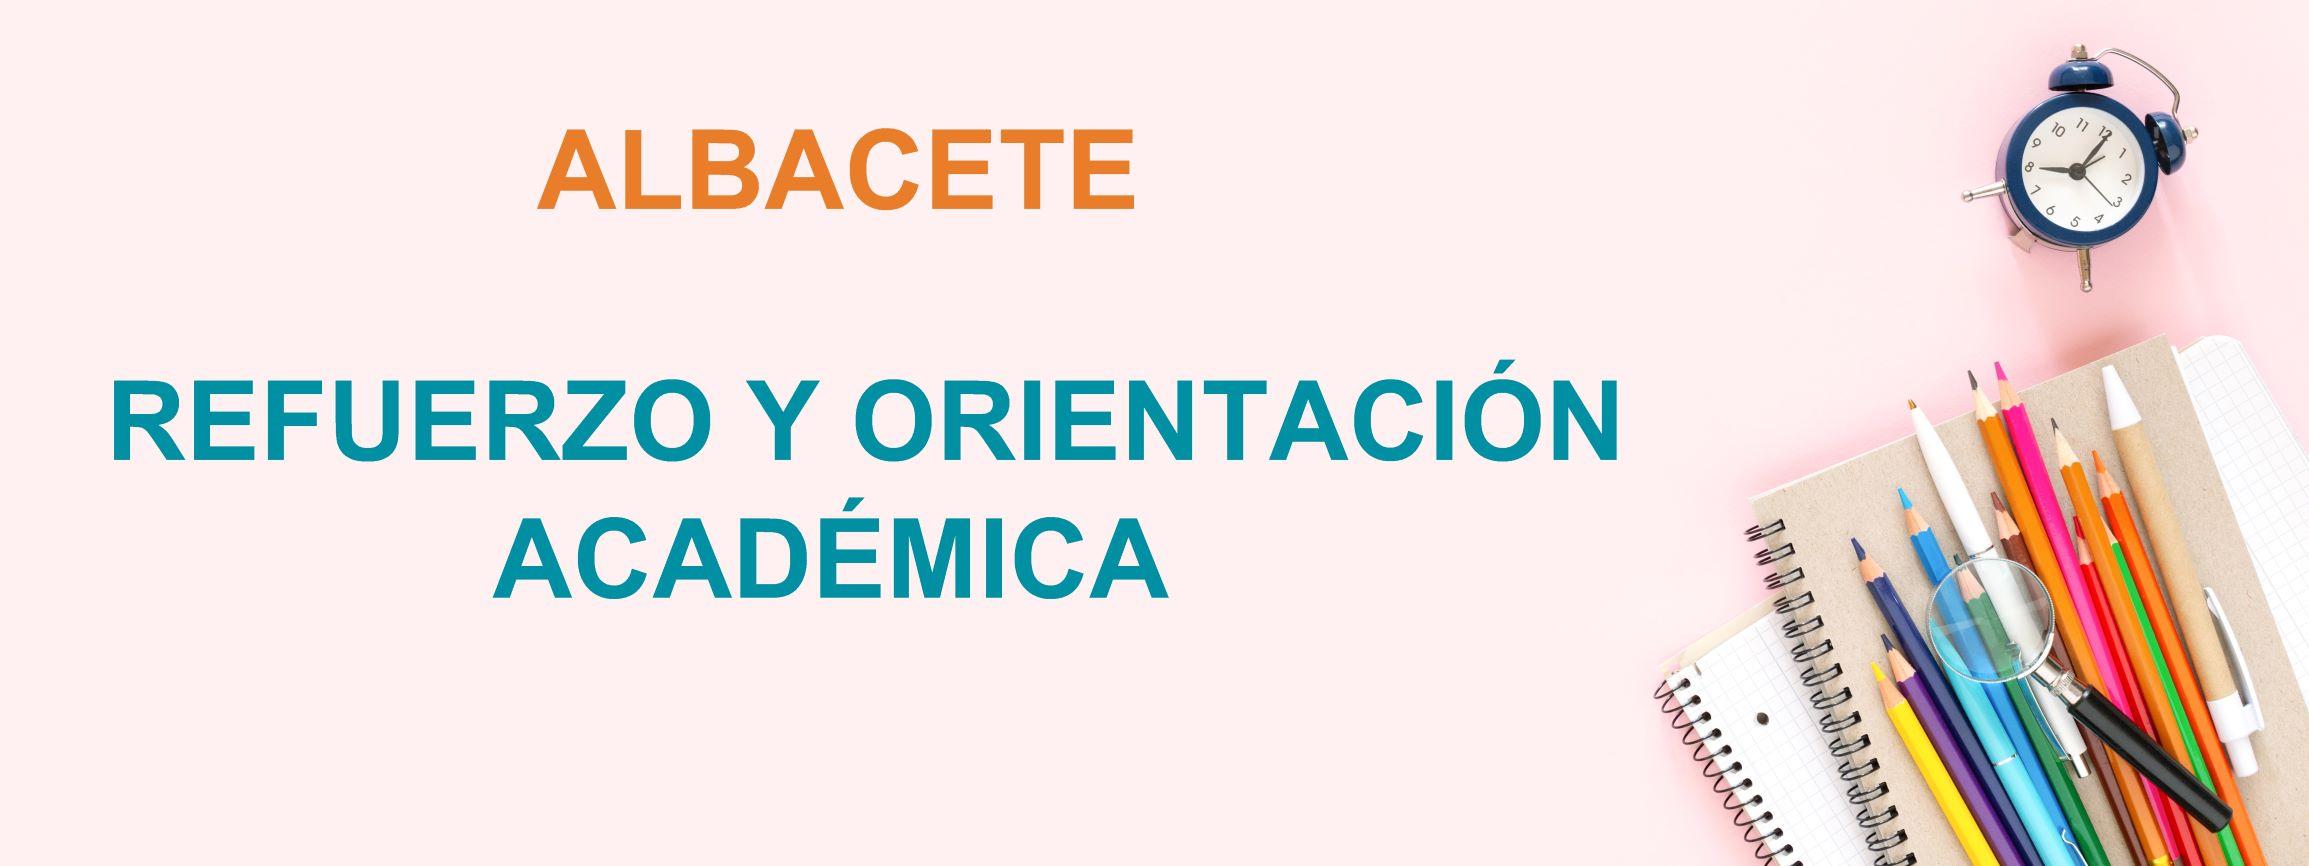 orientación académica albacete